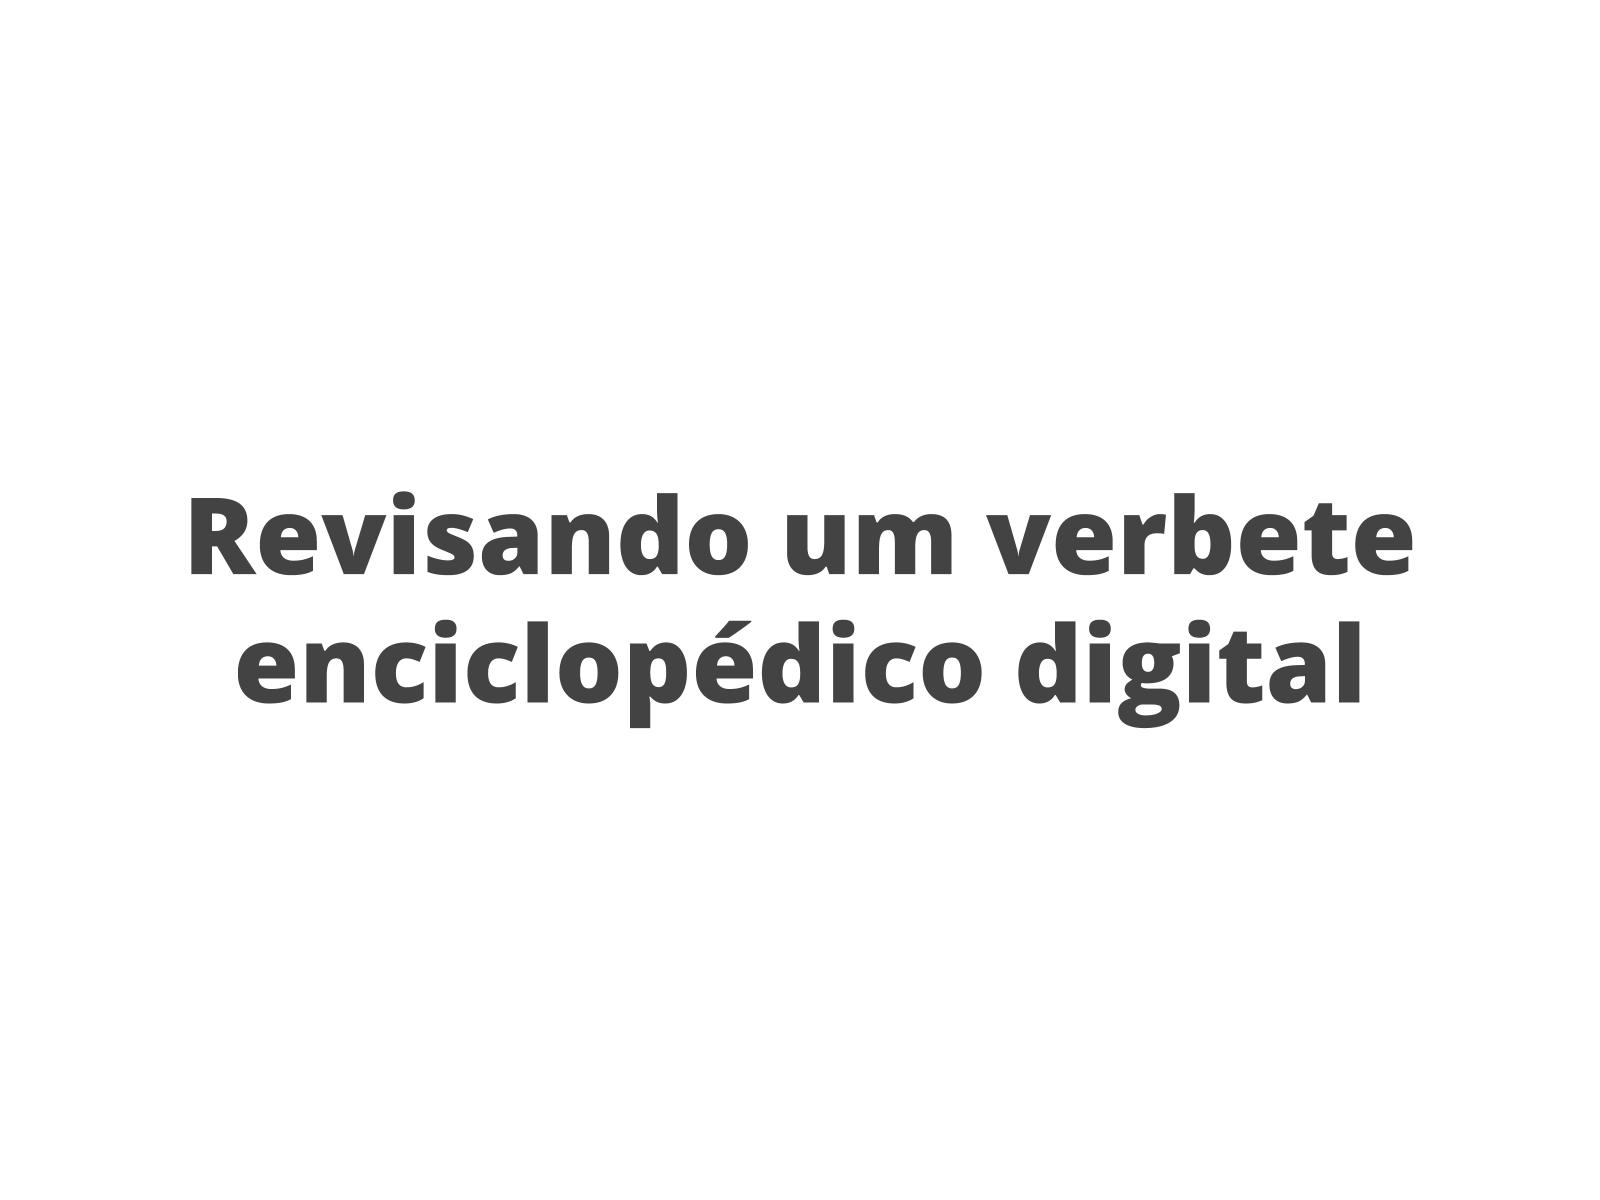 Revisando e divulgando um verbete enciclopédico digital de maneira colaborativa